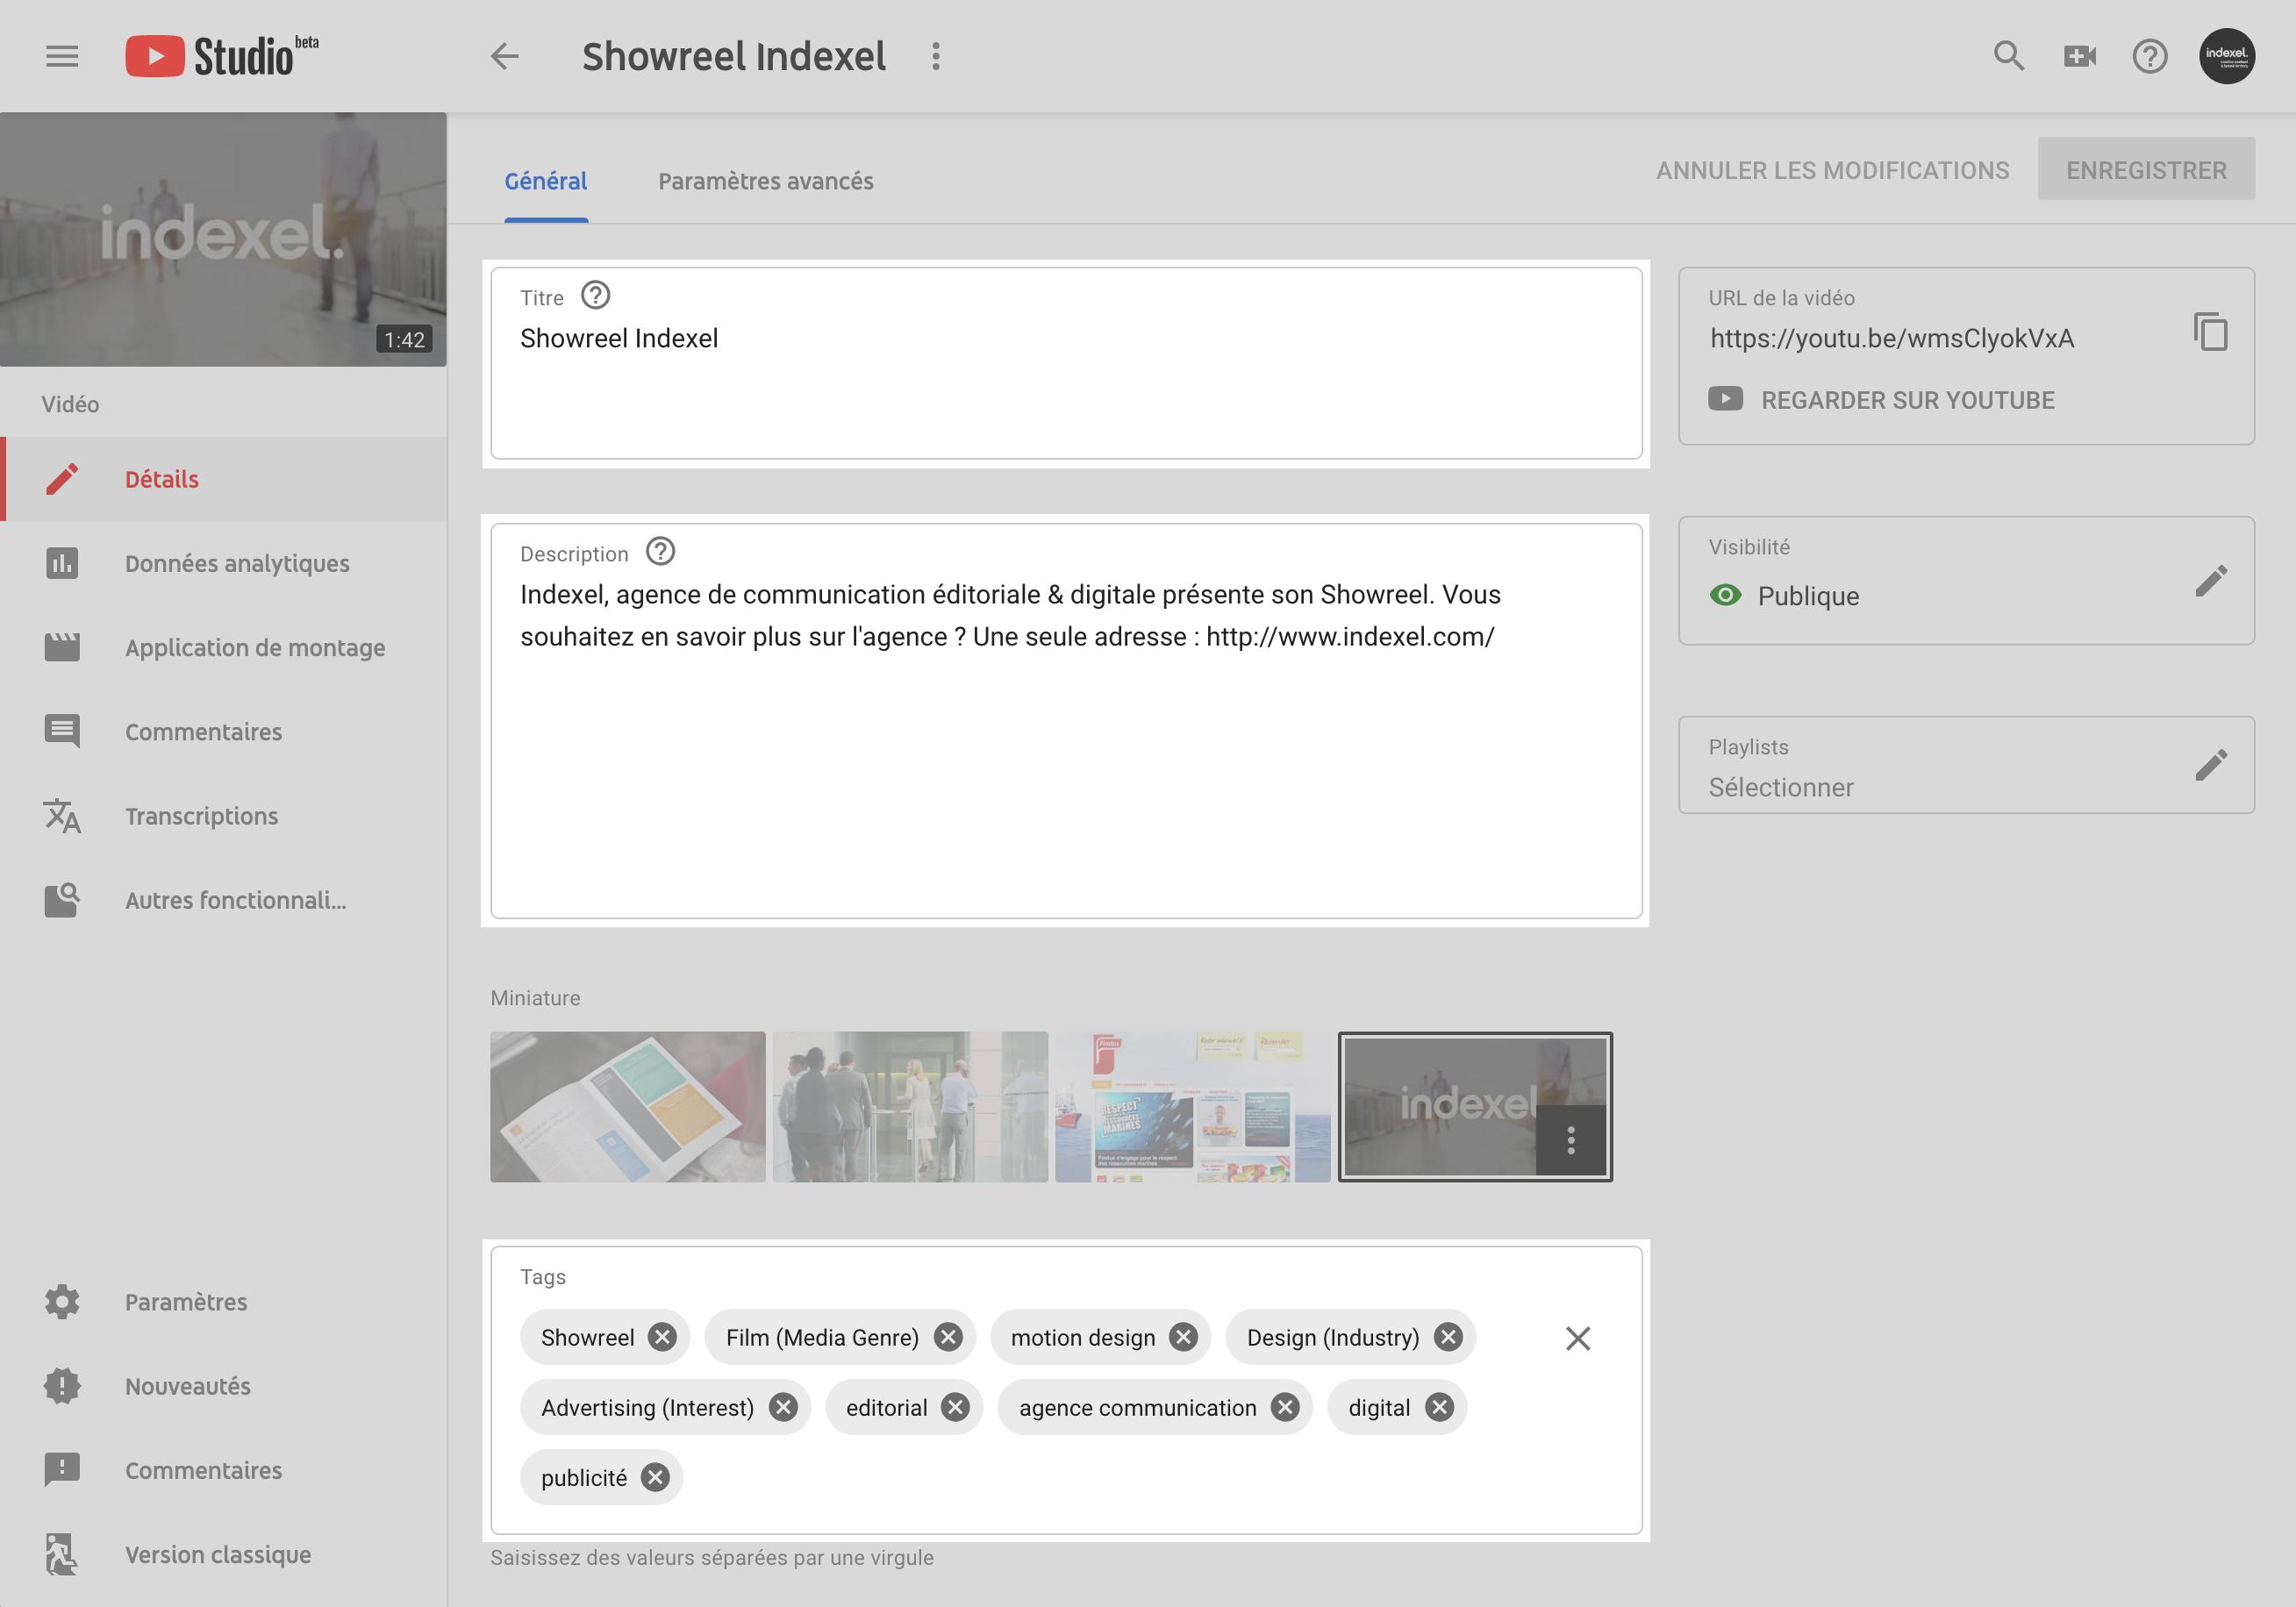 Les champs à optimiser pour favoriser le référencement naturel des vidéos